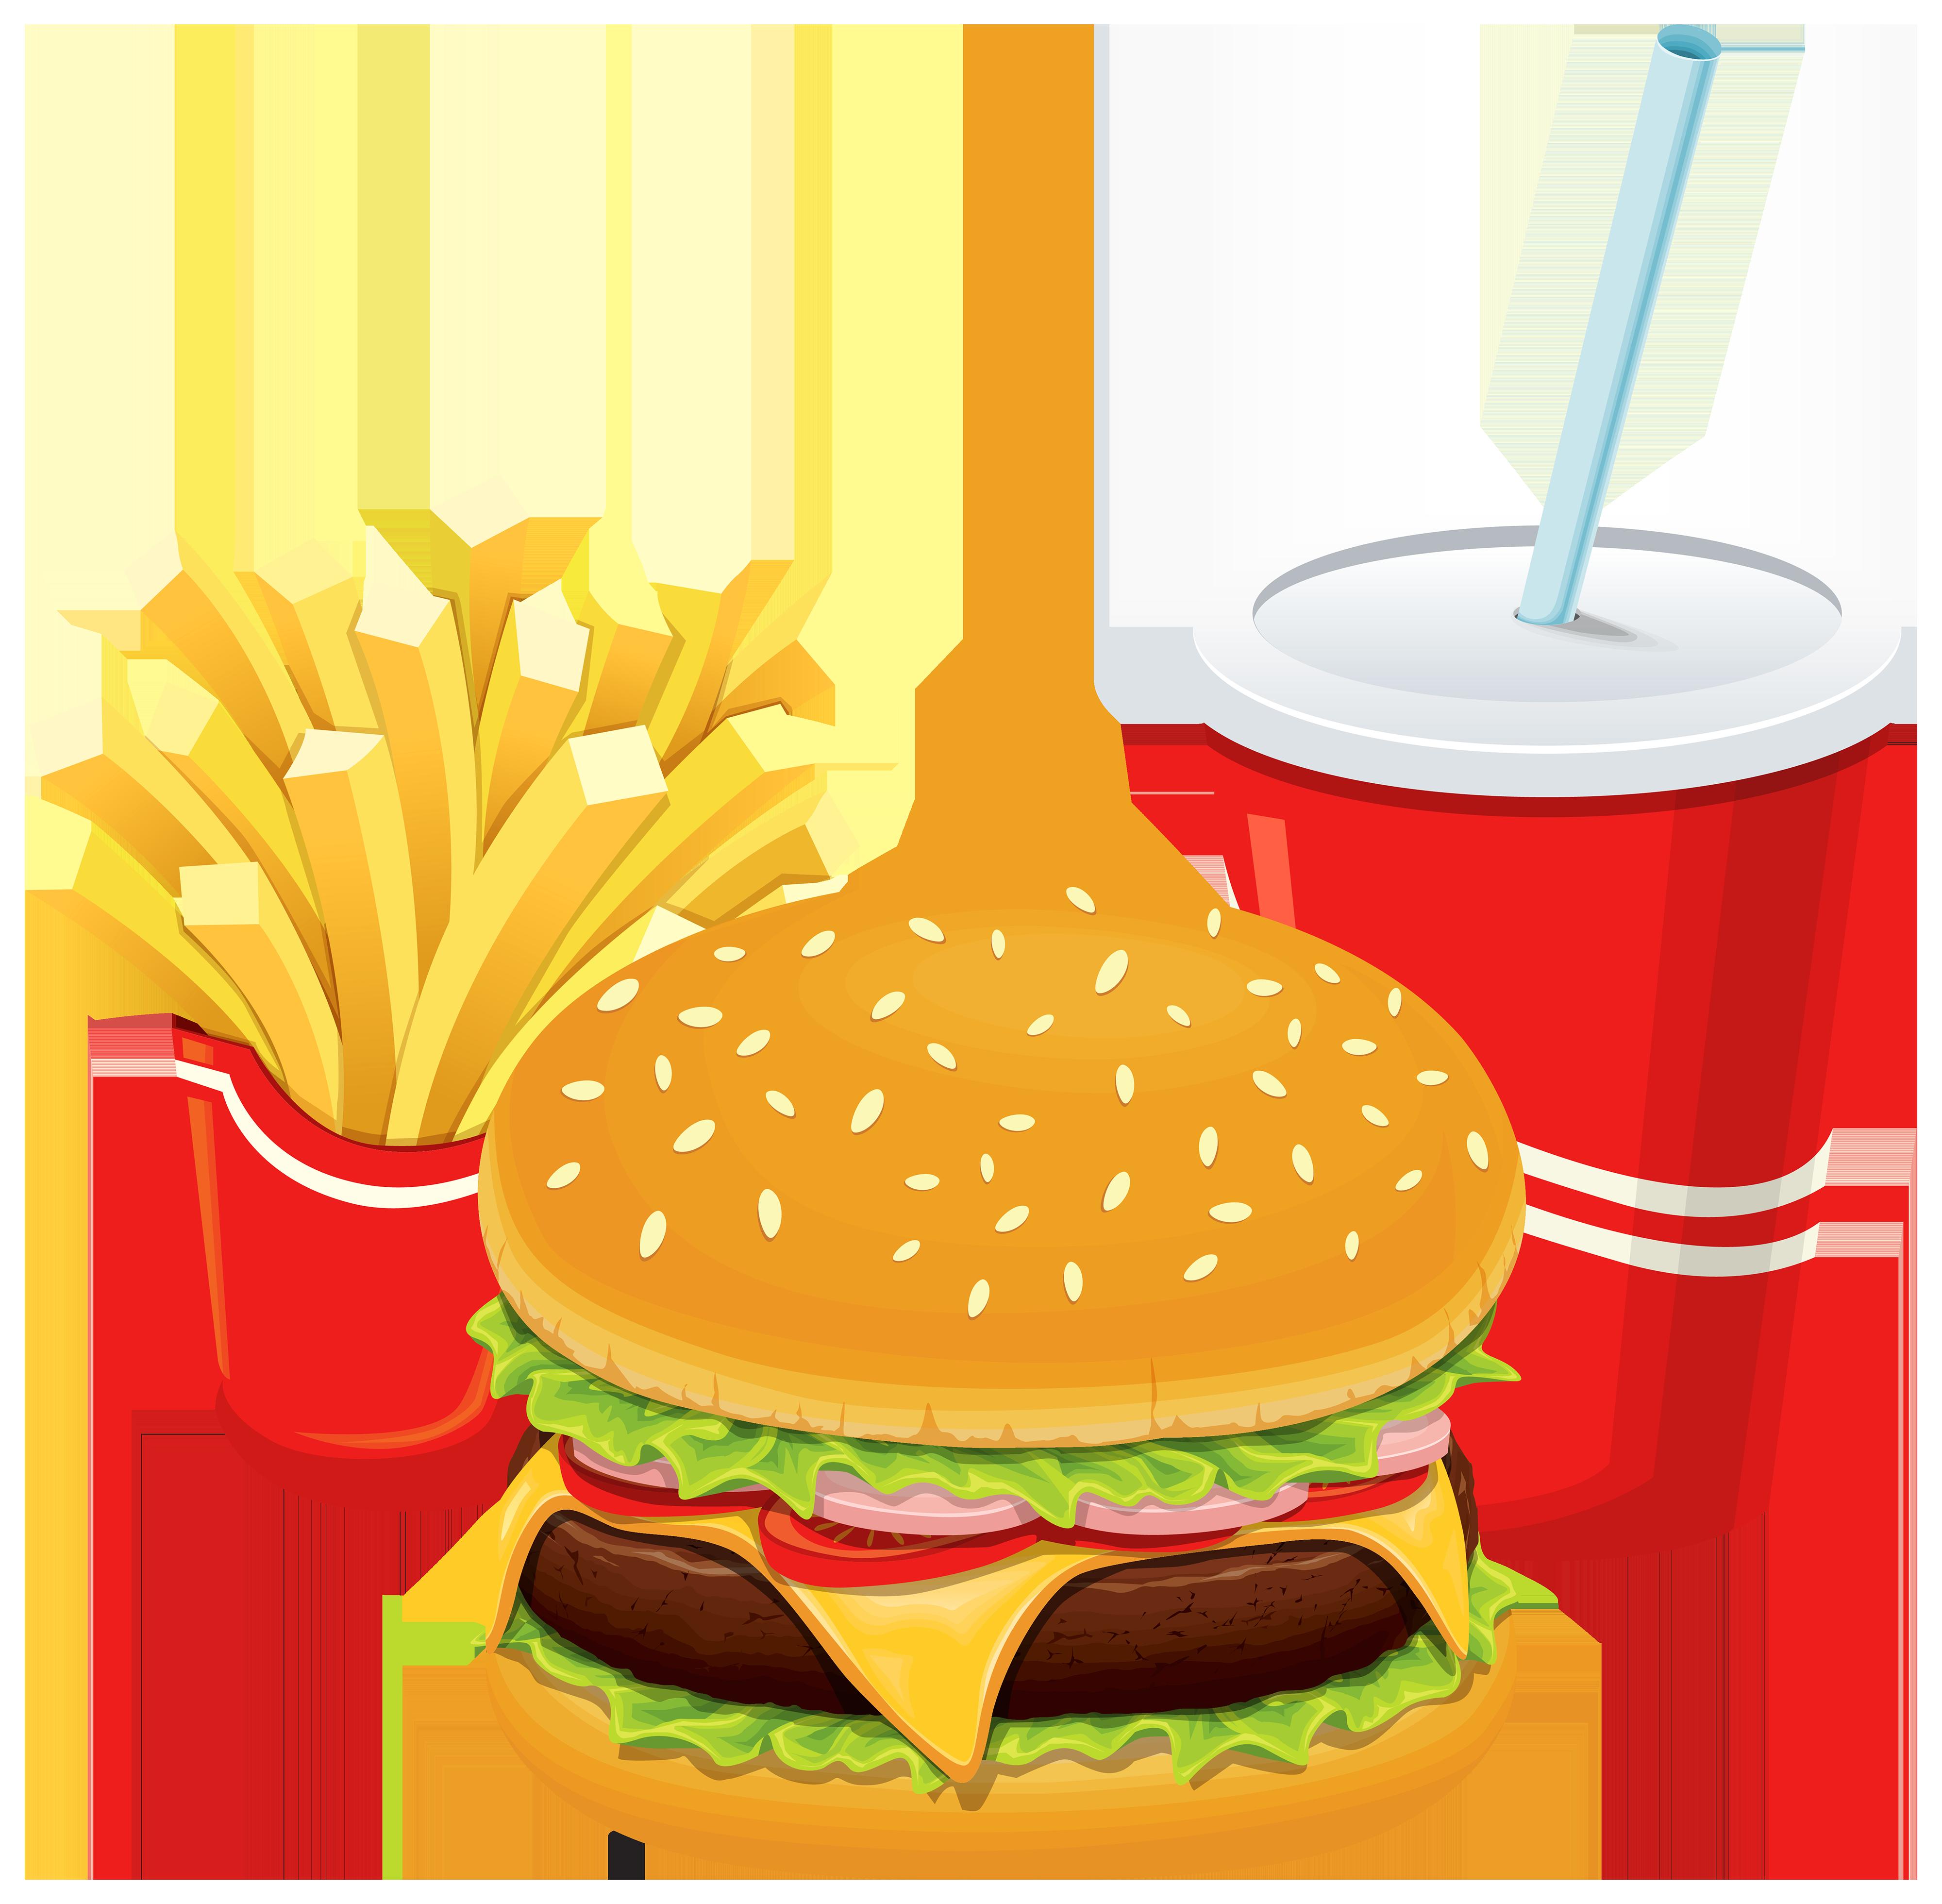 4000x3921 Burger Clipart Junk Food